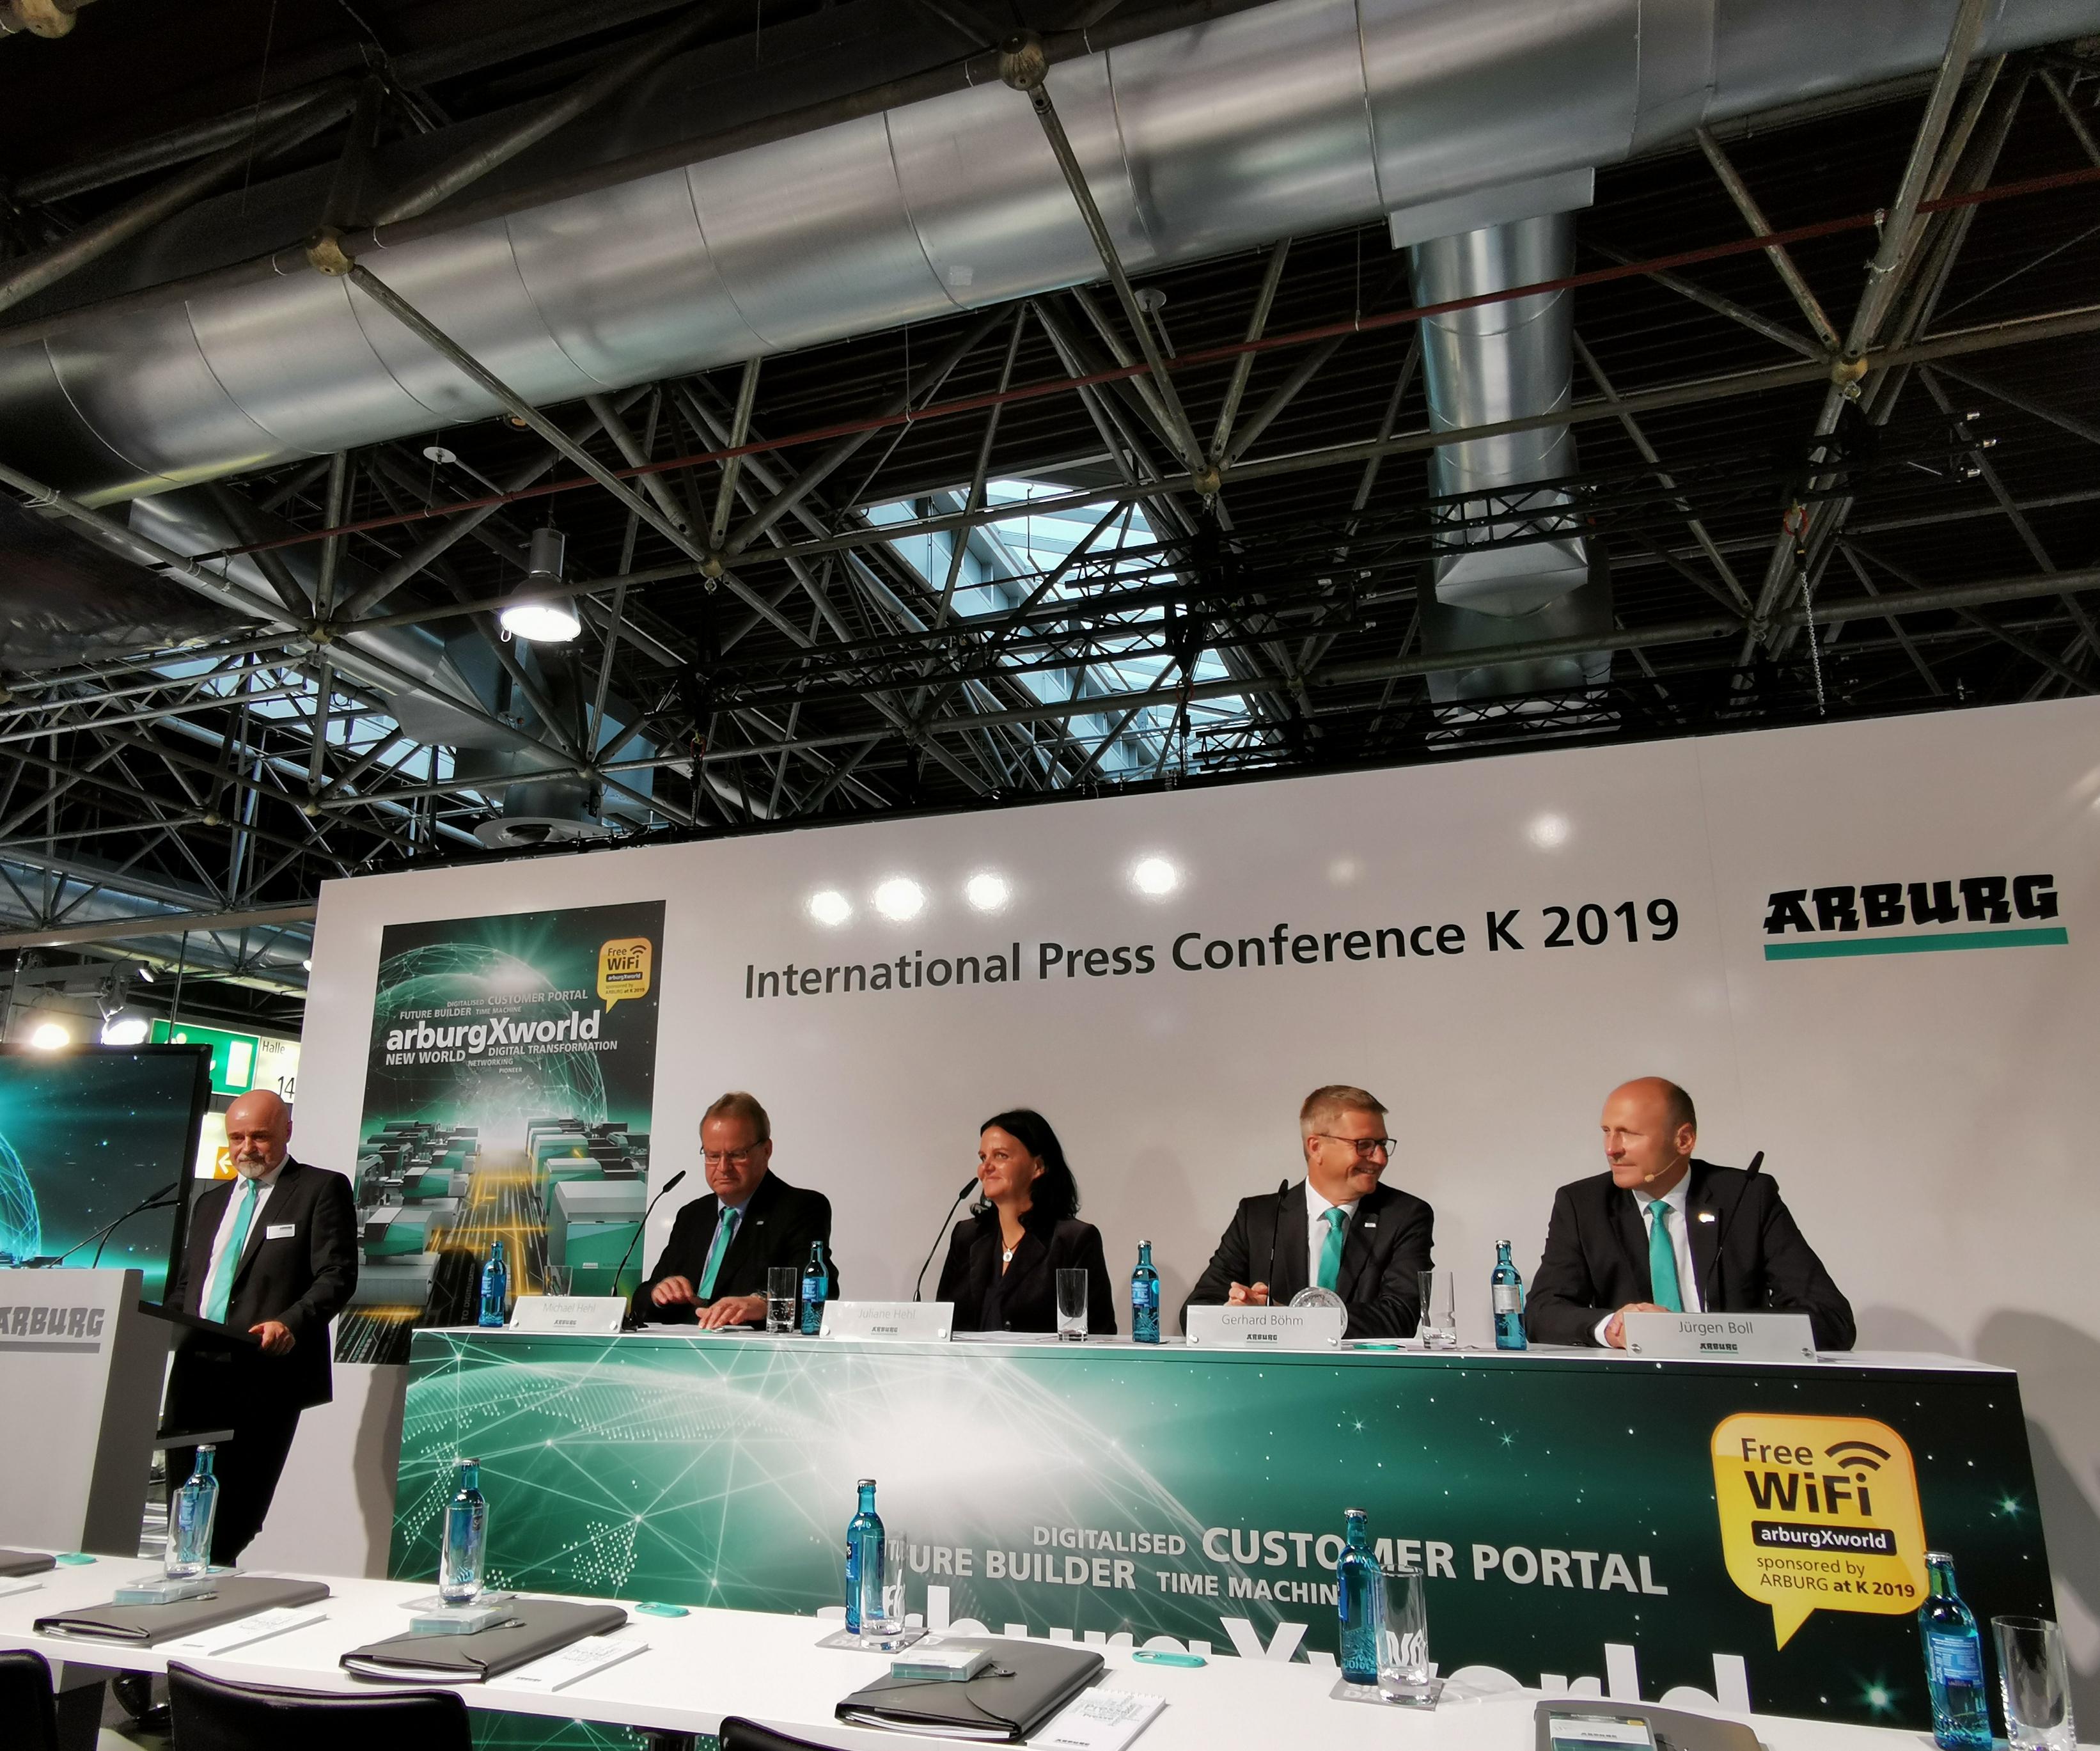 Como es tradicional en cada feria K, Arburg reserva los principales lanzamientos y novedades hasta la realización del evento.